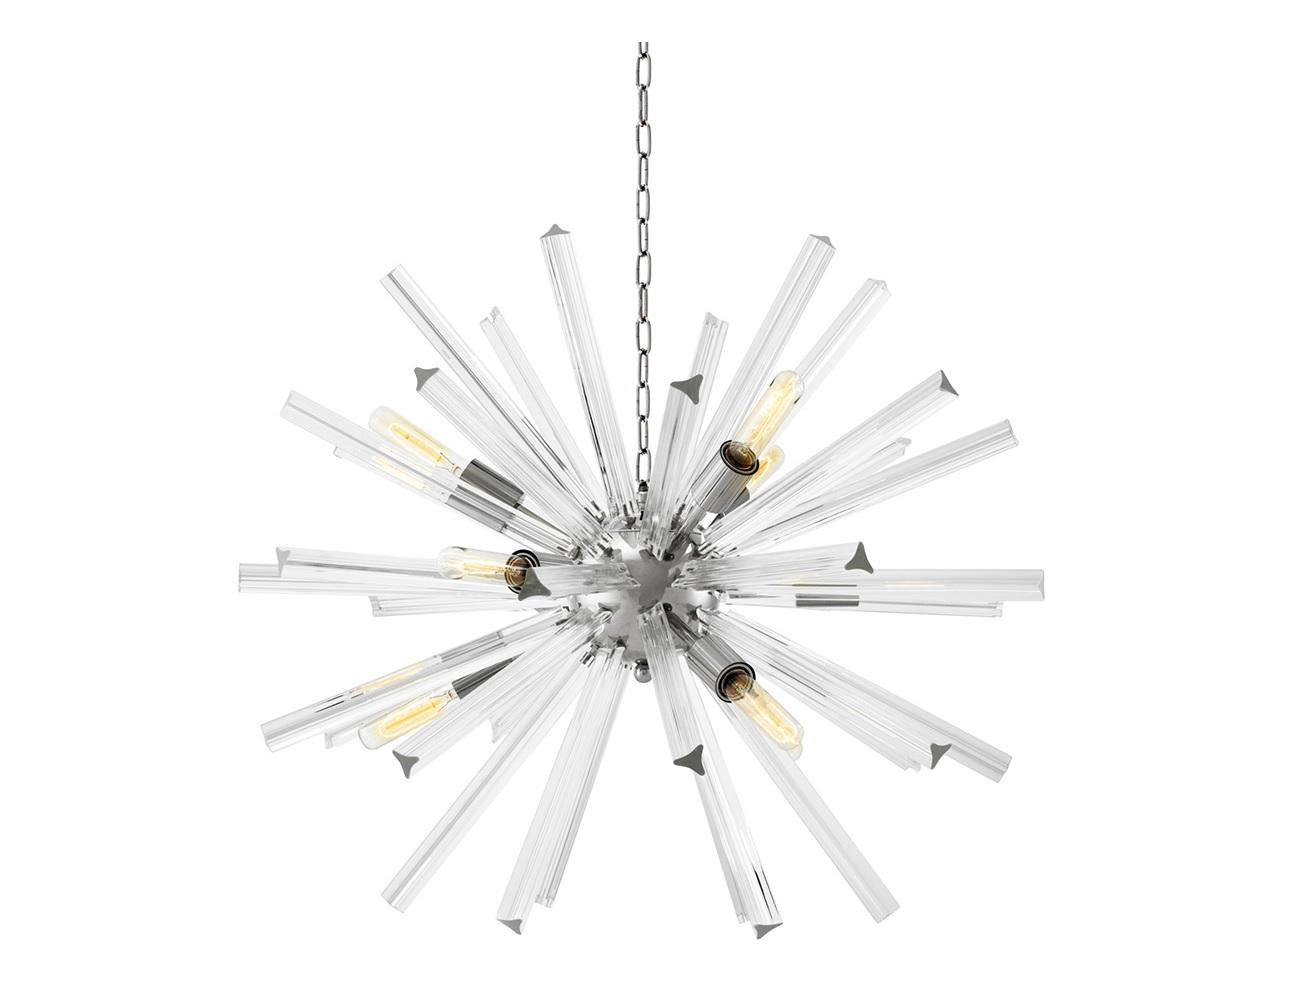 Подвесной светильник EqualizerПодвесные светильники<br>Подвесной светильник Chandelier Equalizer S с оригинальным дизайном выполнен из никелированного металла. Декорирован колбочками из прозрачного стекла. Высота светильника регулируется за счет звеньев цепи.&amp;lt;div&amp;gt;&amp;lt;br&amp;gt;&amp;lt;/div&amp;gt;&amp;lt;div&amp;gt;&amp;lt;div&amp;gt;&amp;lt;div&amp;gt;Вид цоколя: E27&amp;lt;/div&amp;gt;&amp;lt;div&amp;gt;Мощность лампы: 60W&amp;lt;/div&amp;gt;&amp;lt;div&amp;gt;Количество ламп: 9&amp;lt;/div&amp;gt;&amp;lt;/div&amp;gt;&amp;lt;div&amp;gt;&amp;lt;br&amp;gt;&amp;lt;/div&amp;gt;&amp;lt;div&amp;gt;Лампочки в комплект не входят.&amp;lt;/div&amp;gt;&amp;lt;/div&amp;gt;<br><br>Material: Стекло<br>Ширина см: 75<br>Высота см: 75<br>Глубина см: 75